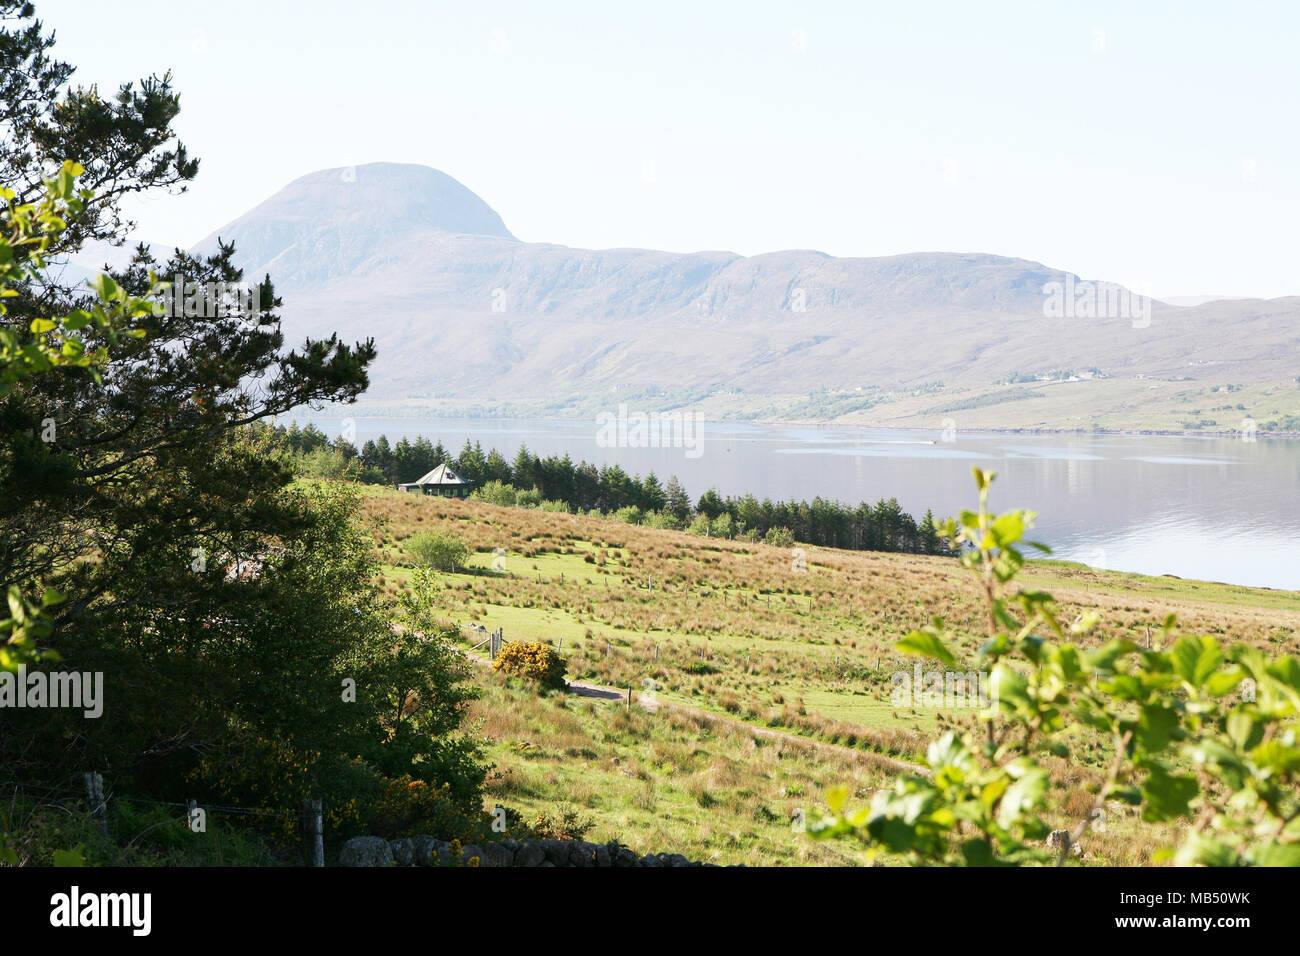 Le paysage du fjord et des montagnes de l'océan, Ullapool, Ecosse Photo Stock